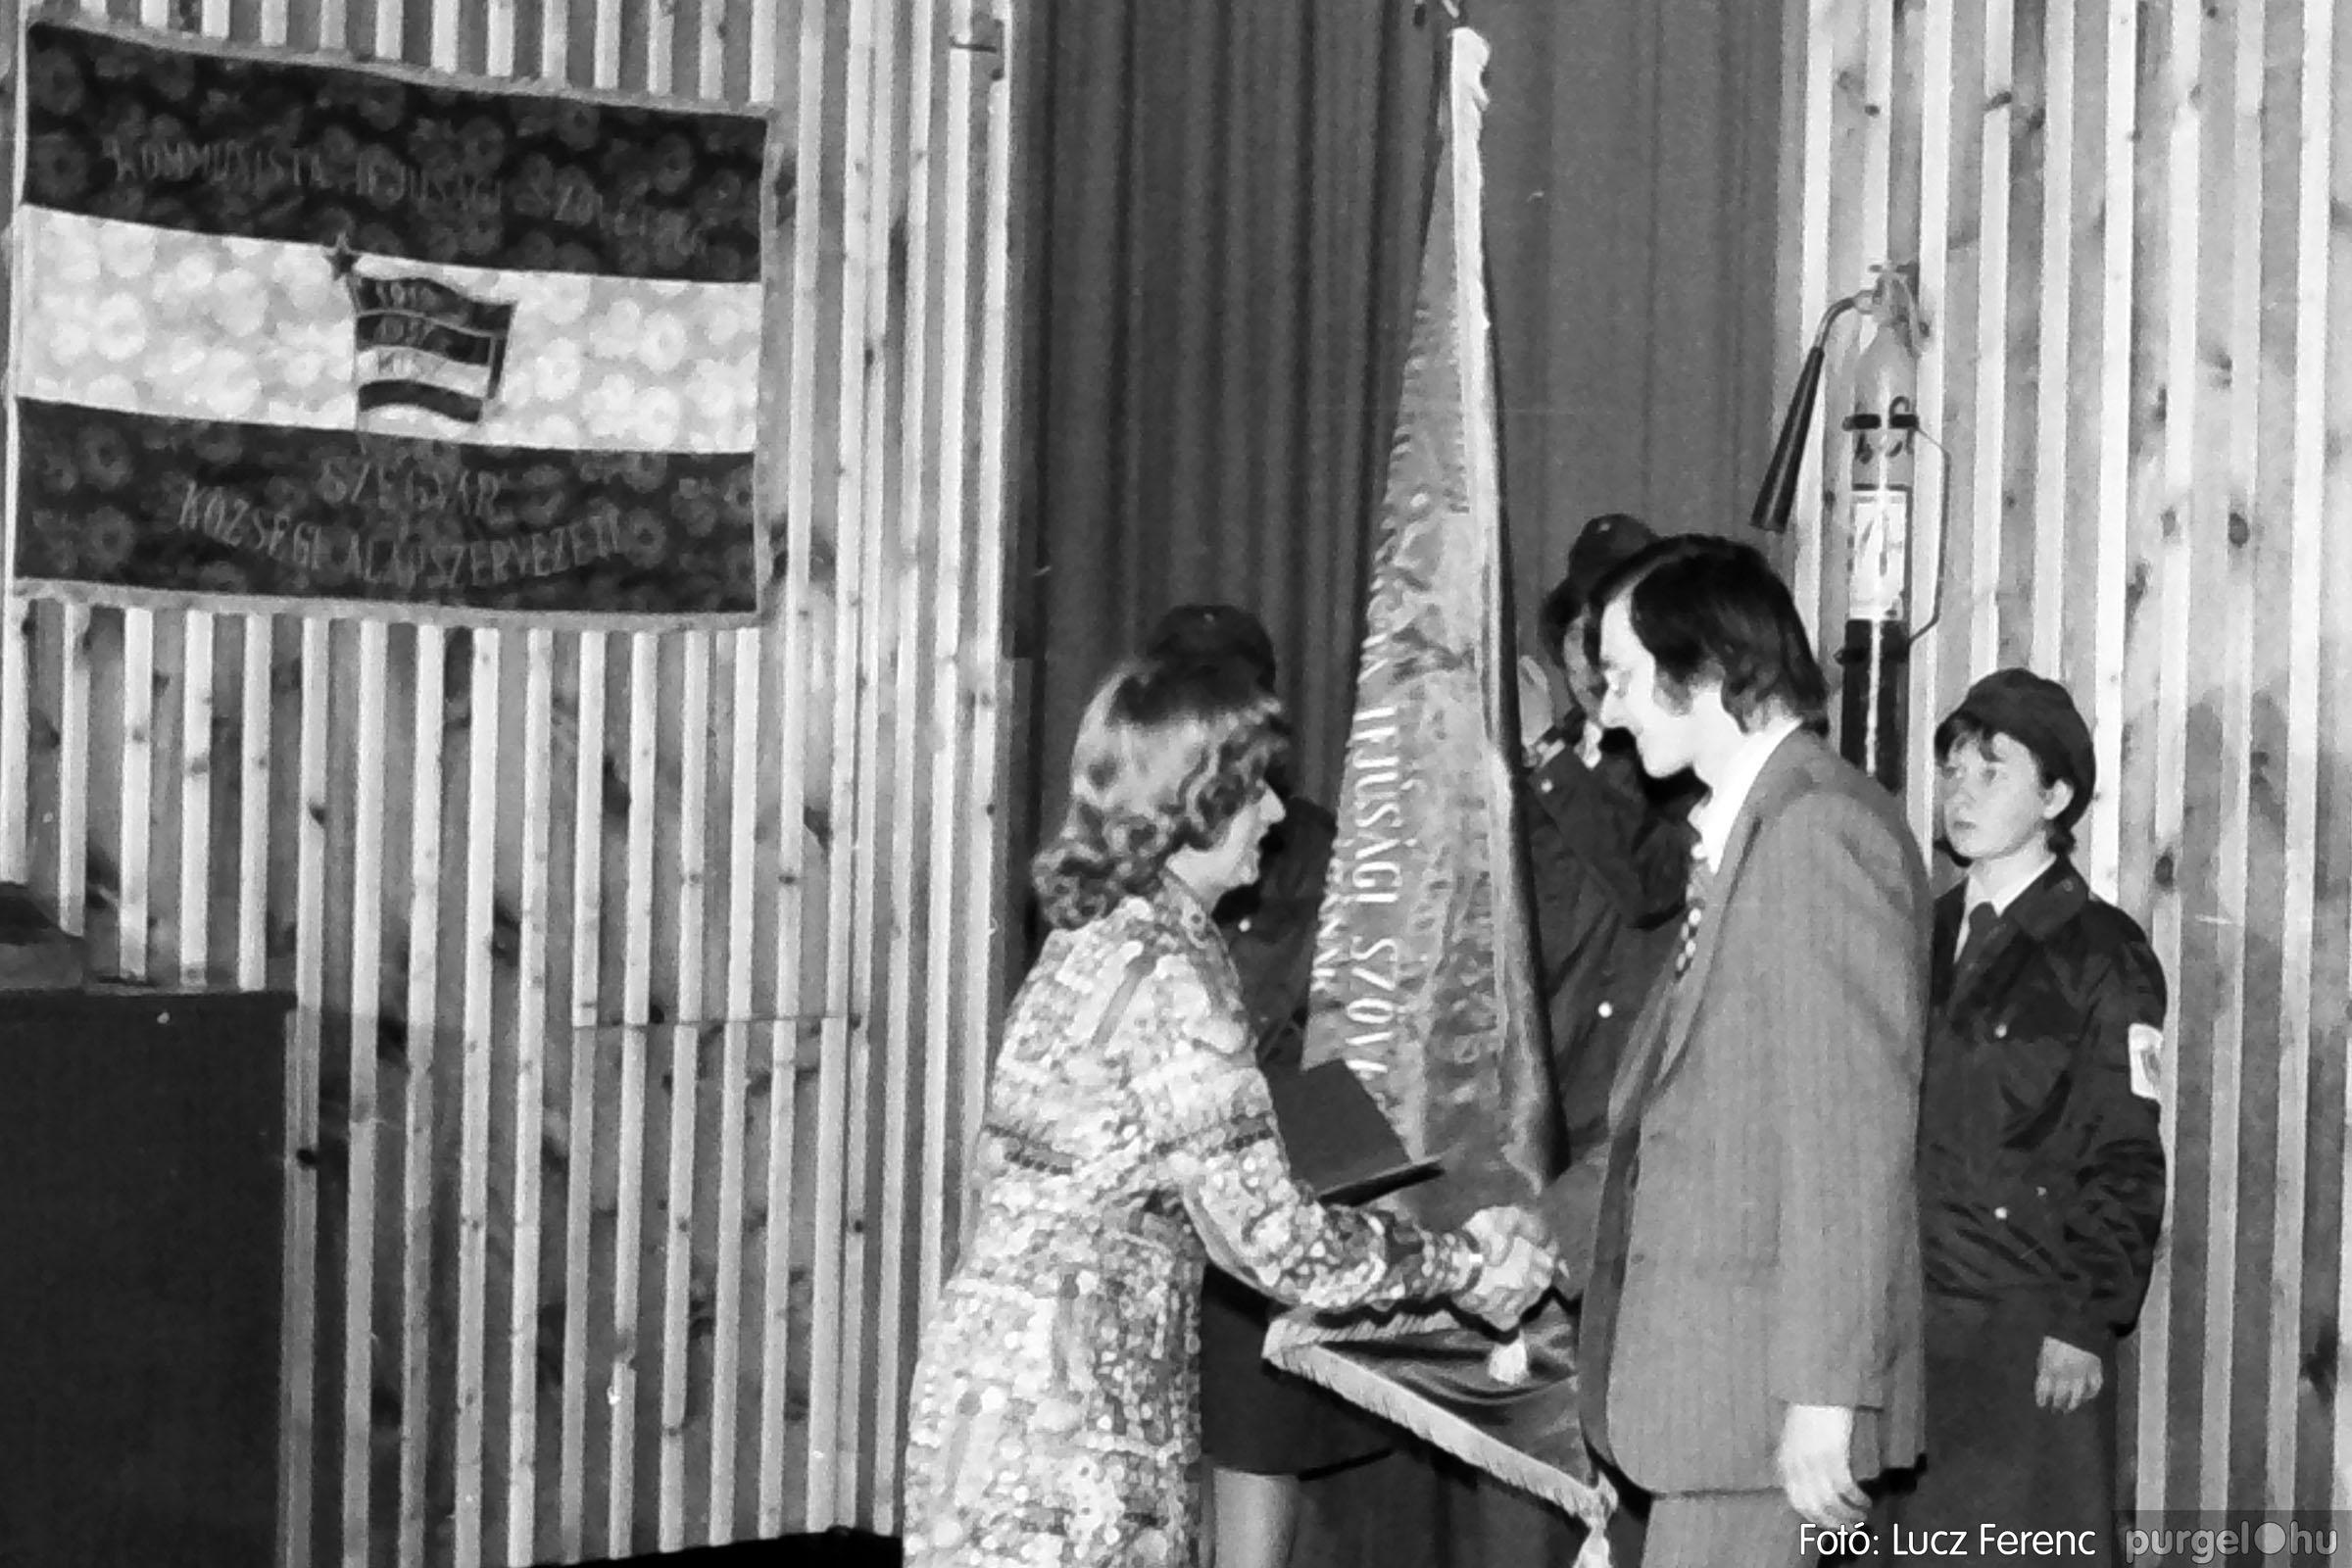 109. 1978. Április 4-i ünnepségek 032. - Fotó: Lucz Ferenc.jpg